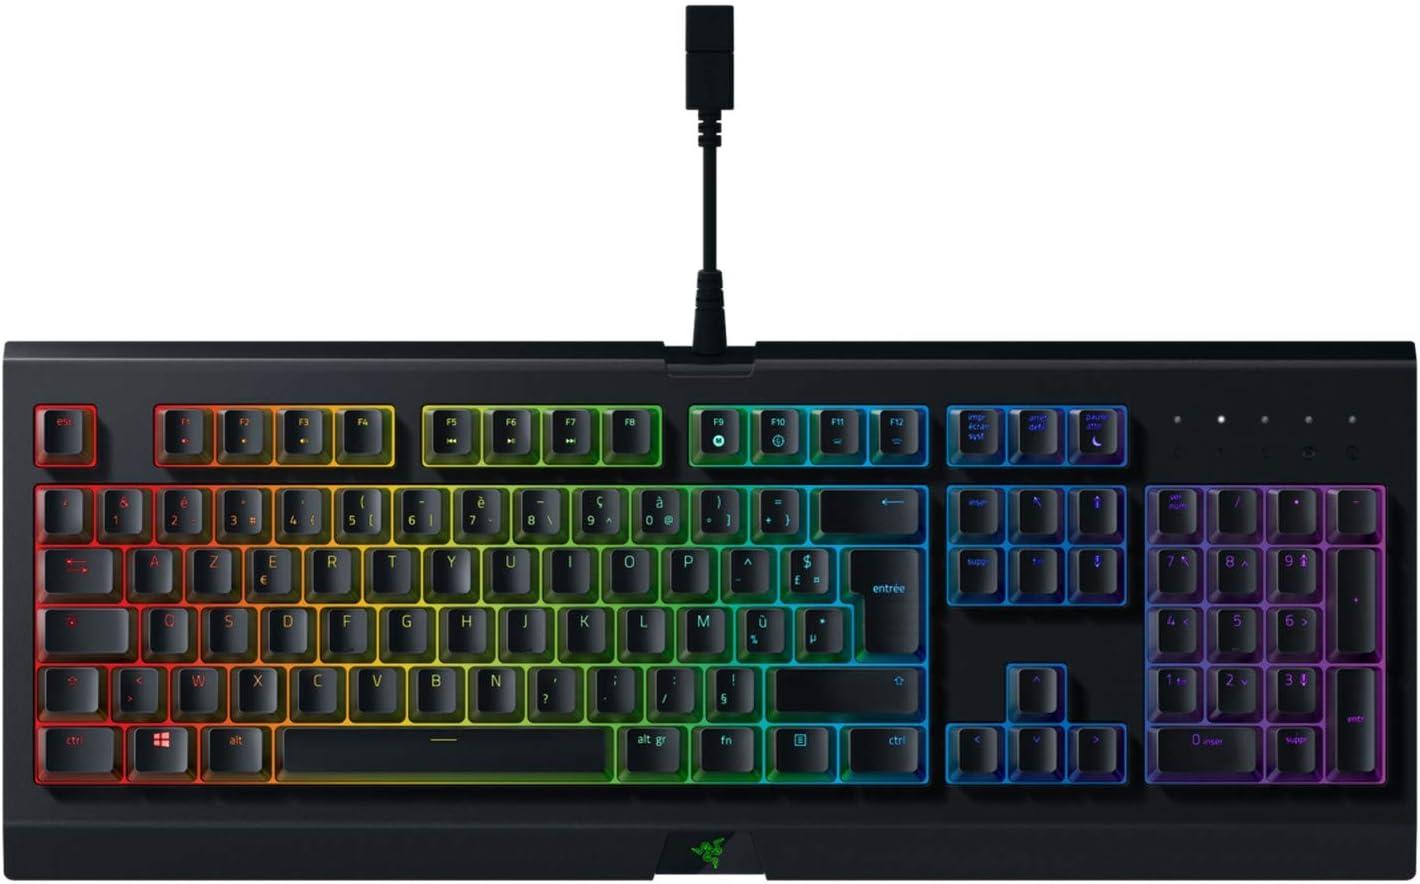 Razer Cynosa Chroma - Teclado Gaming con iluminación Razer Chroma con LED RGB, USB, Alámbrico, 16,8 millones de opciones de color personalizables, DE Layout, Negro